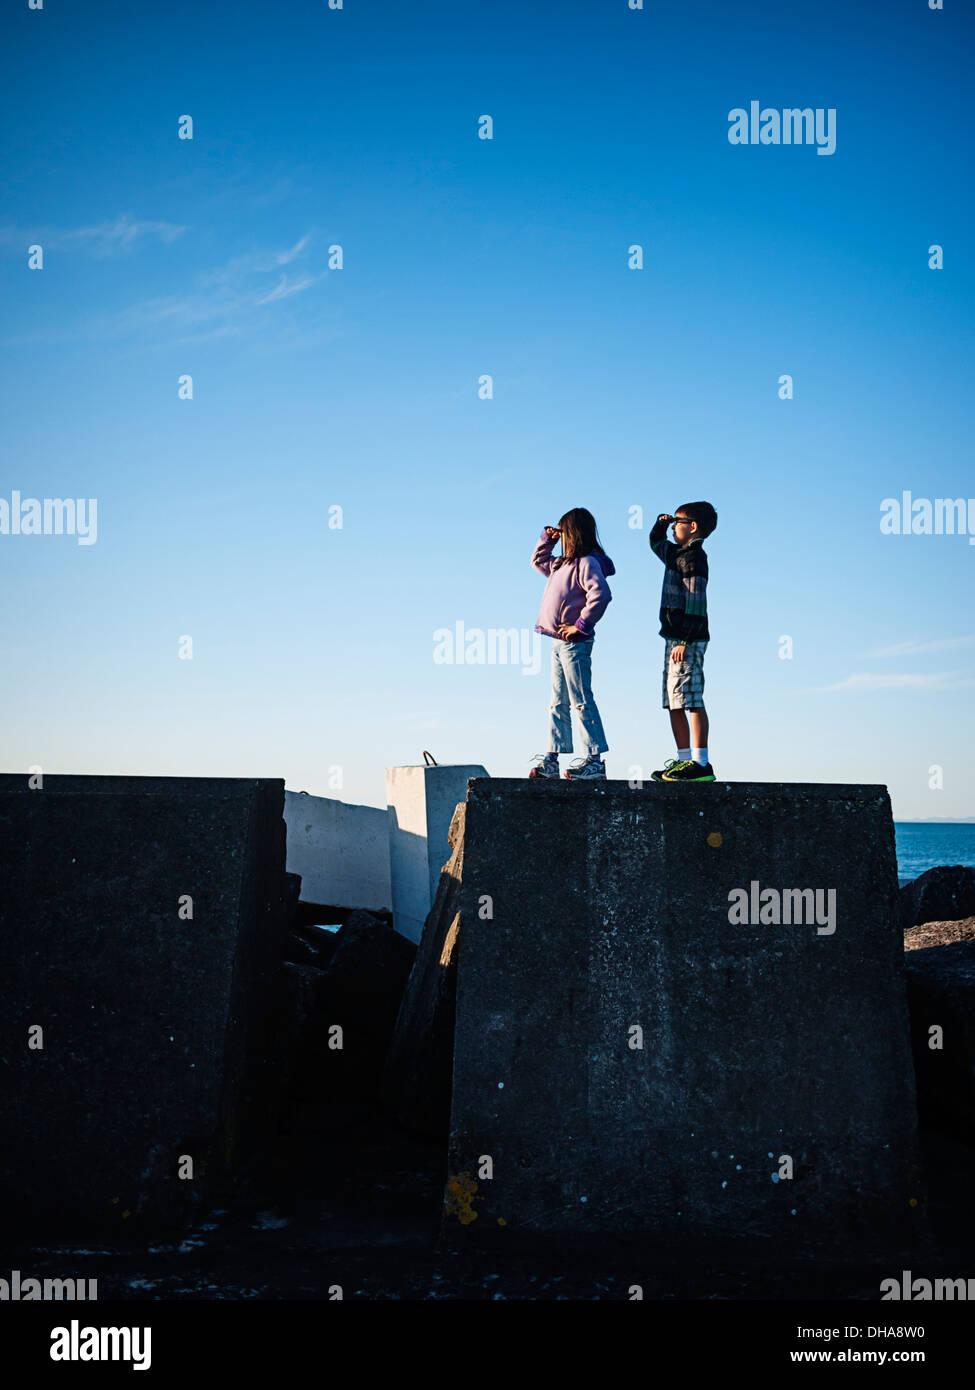 Garçon et fille se tenir sur mur du port et regardez vers la mer. Banque D'Images